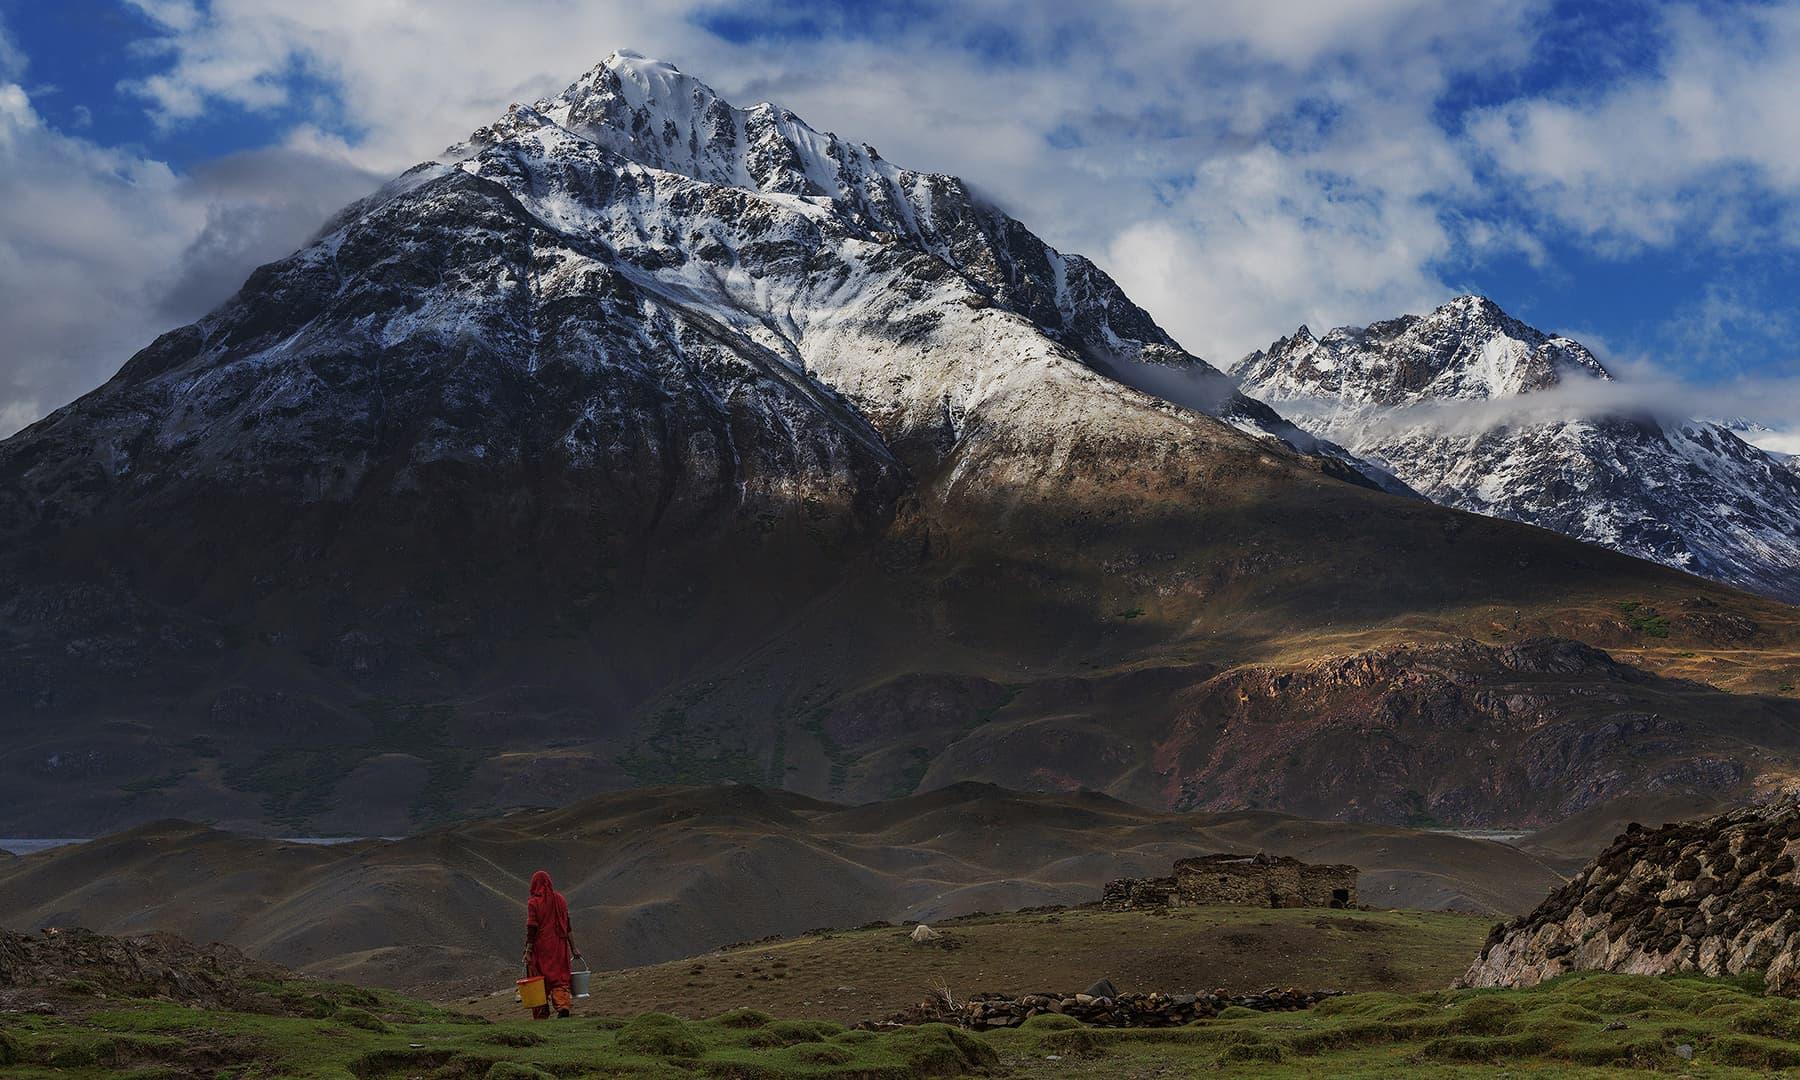 بلند و بالا پہاڑوں کے درمیان زندگی بسر کرتے لوگ—سید مہدی بخاری